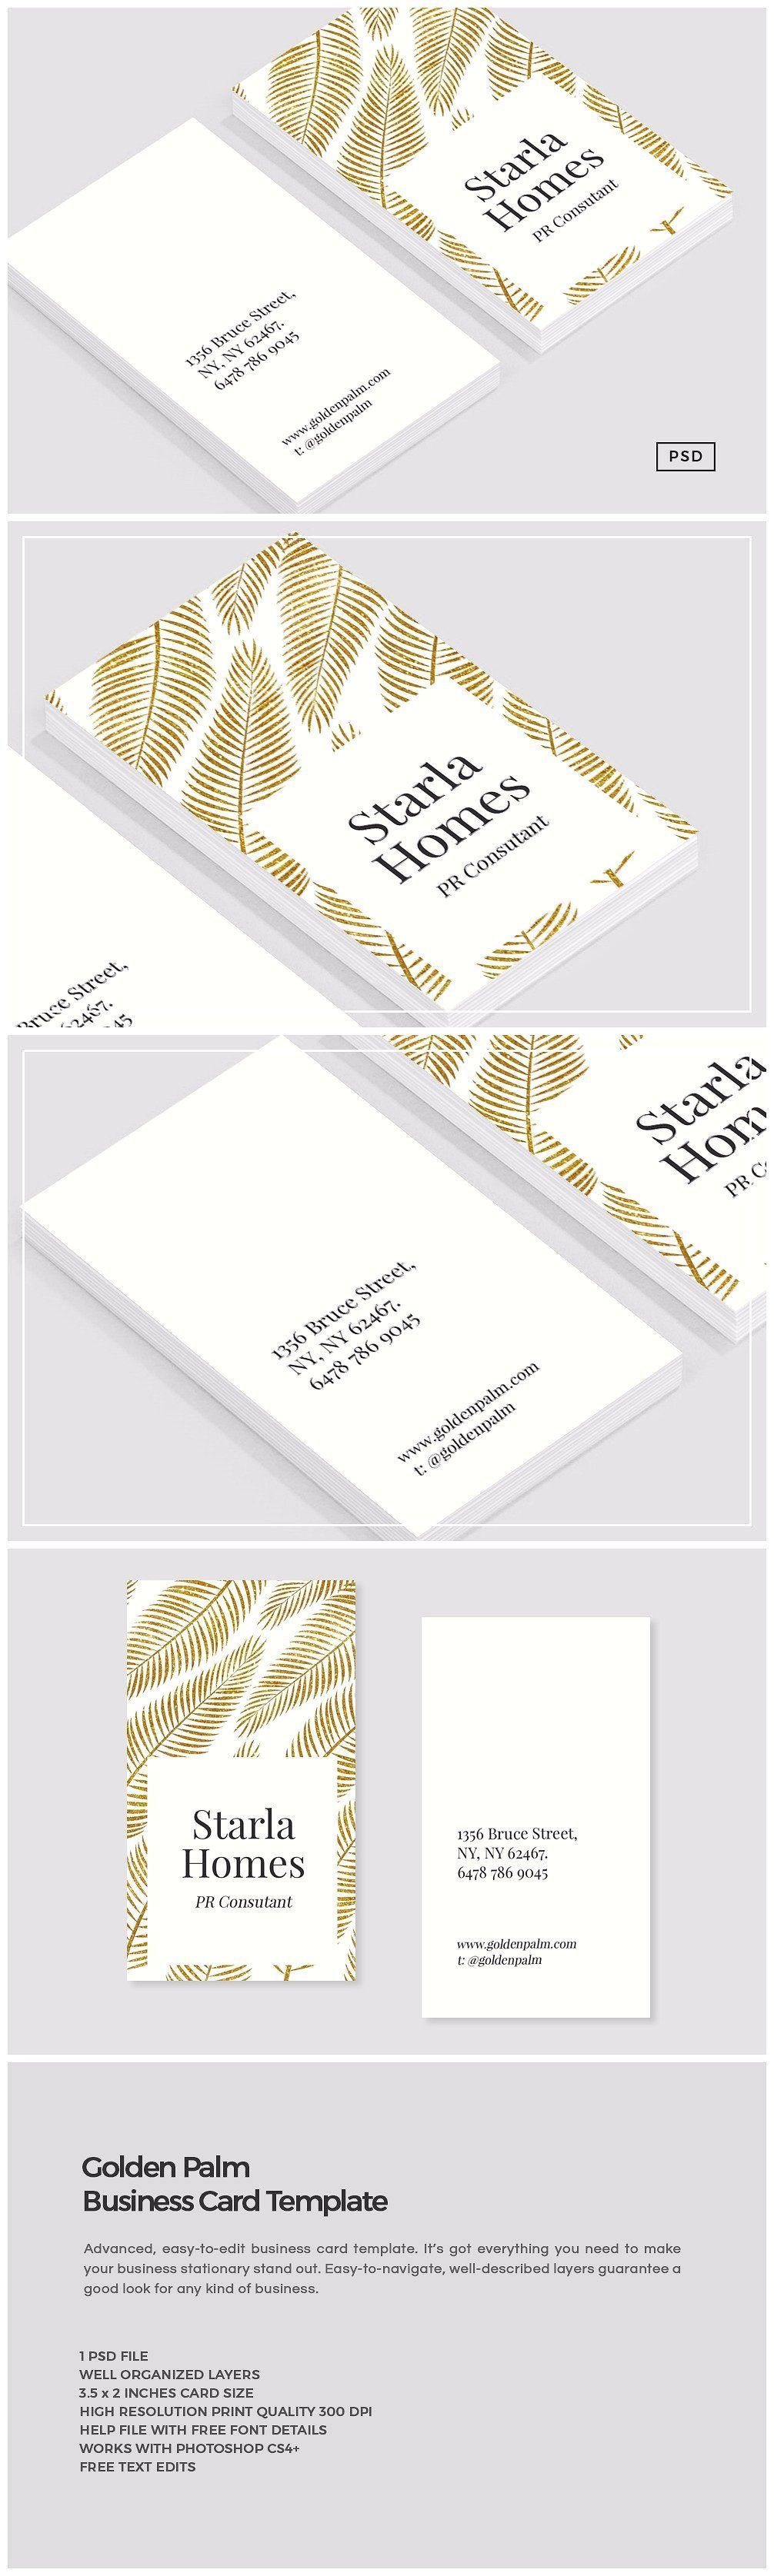 Golden Palm Business Card Template Business Card Template Card Template Unique Business Cards